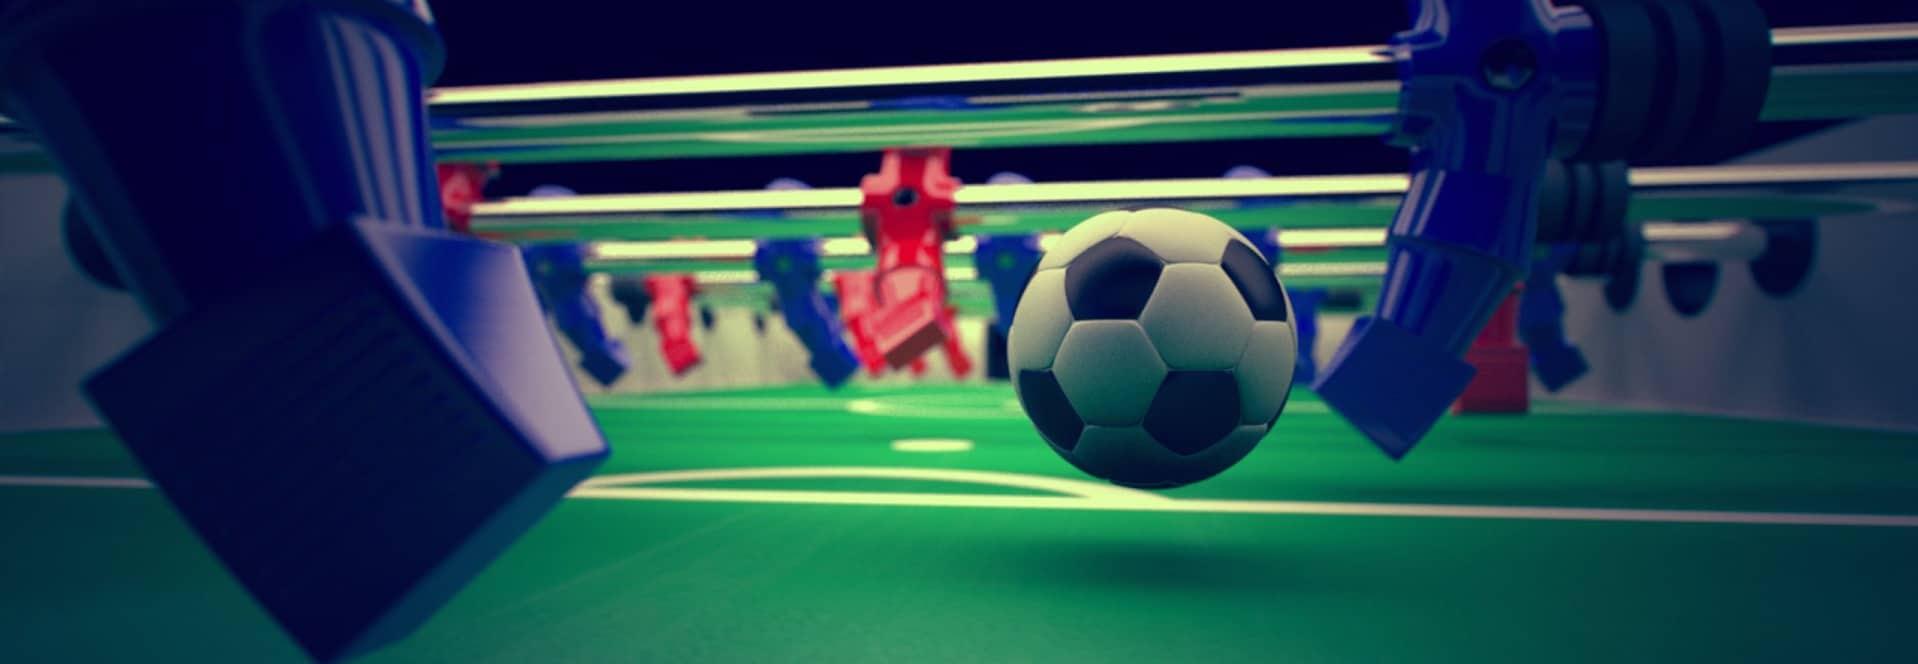 Best Foosball Balls Reviewed in Detail